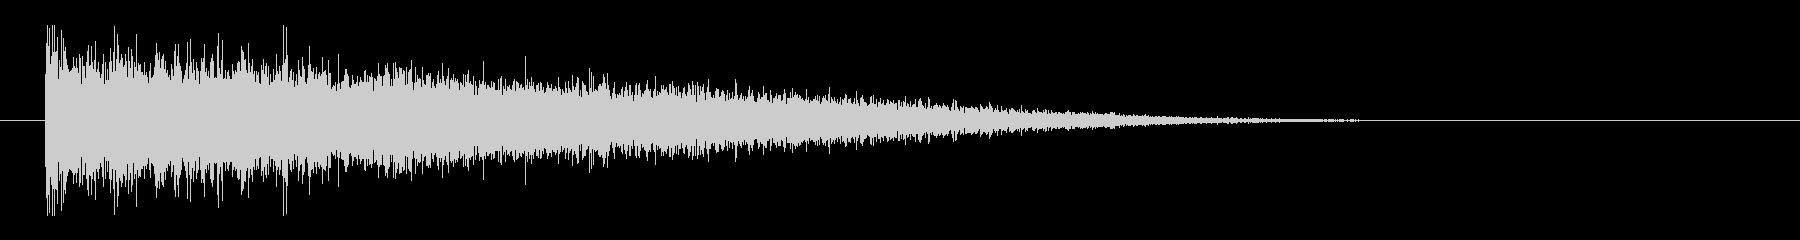 レーザー音-147-3の未再生の波形